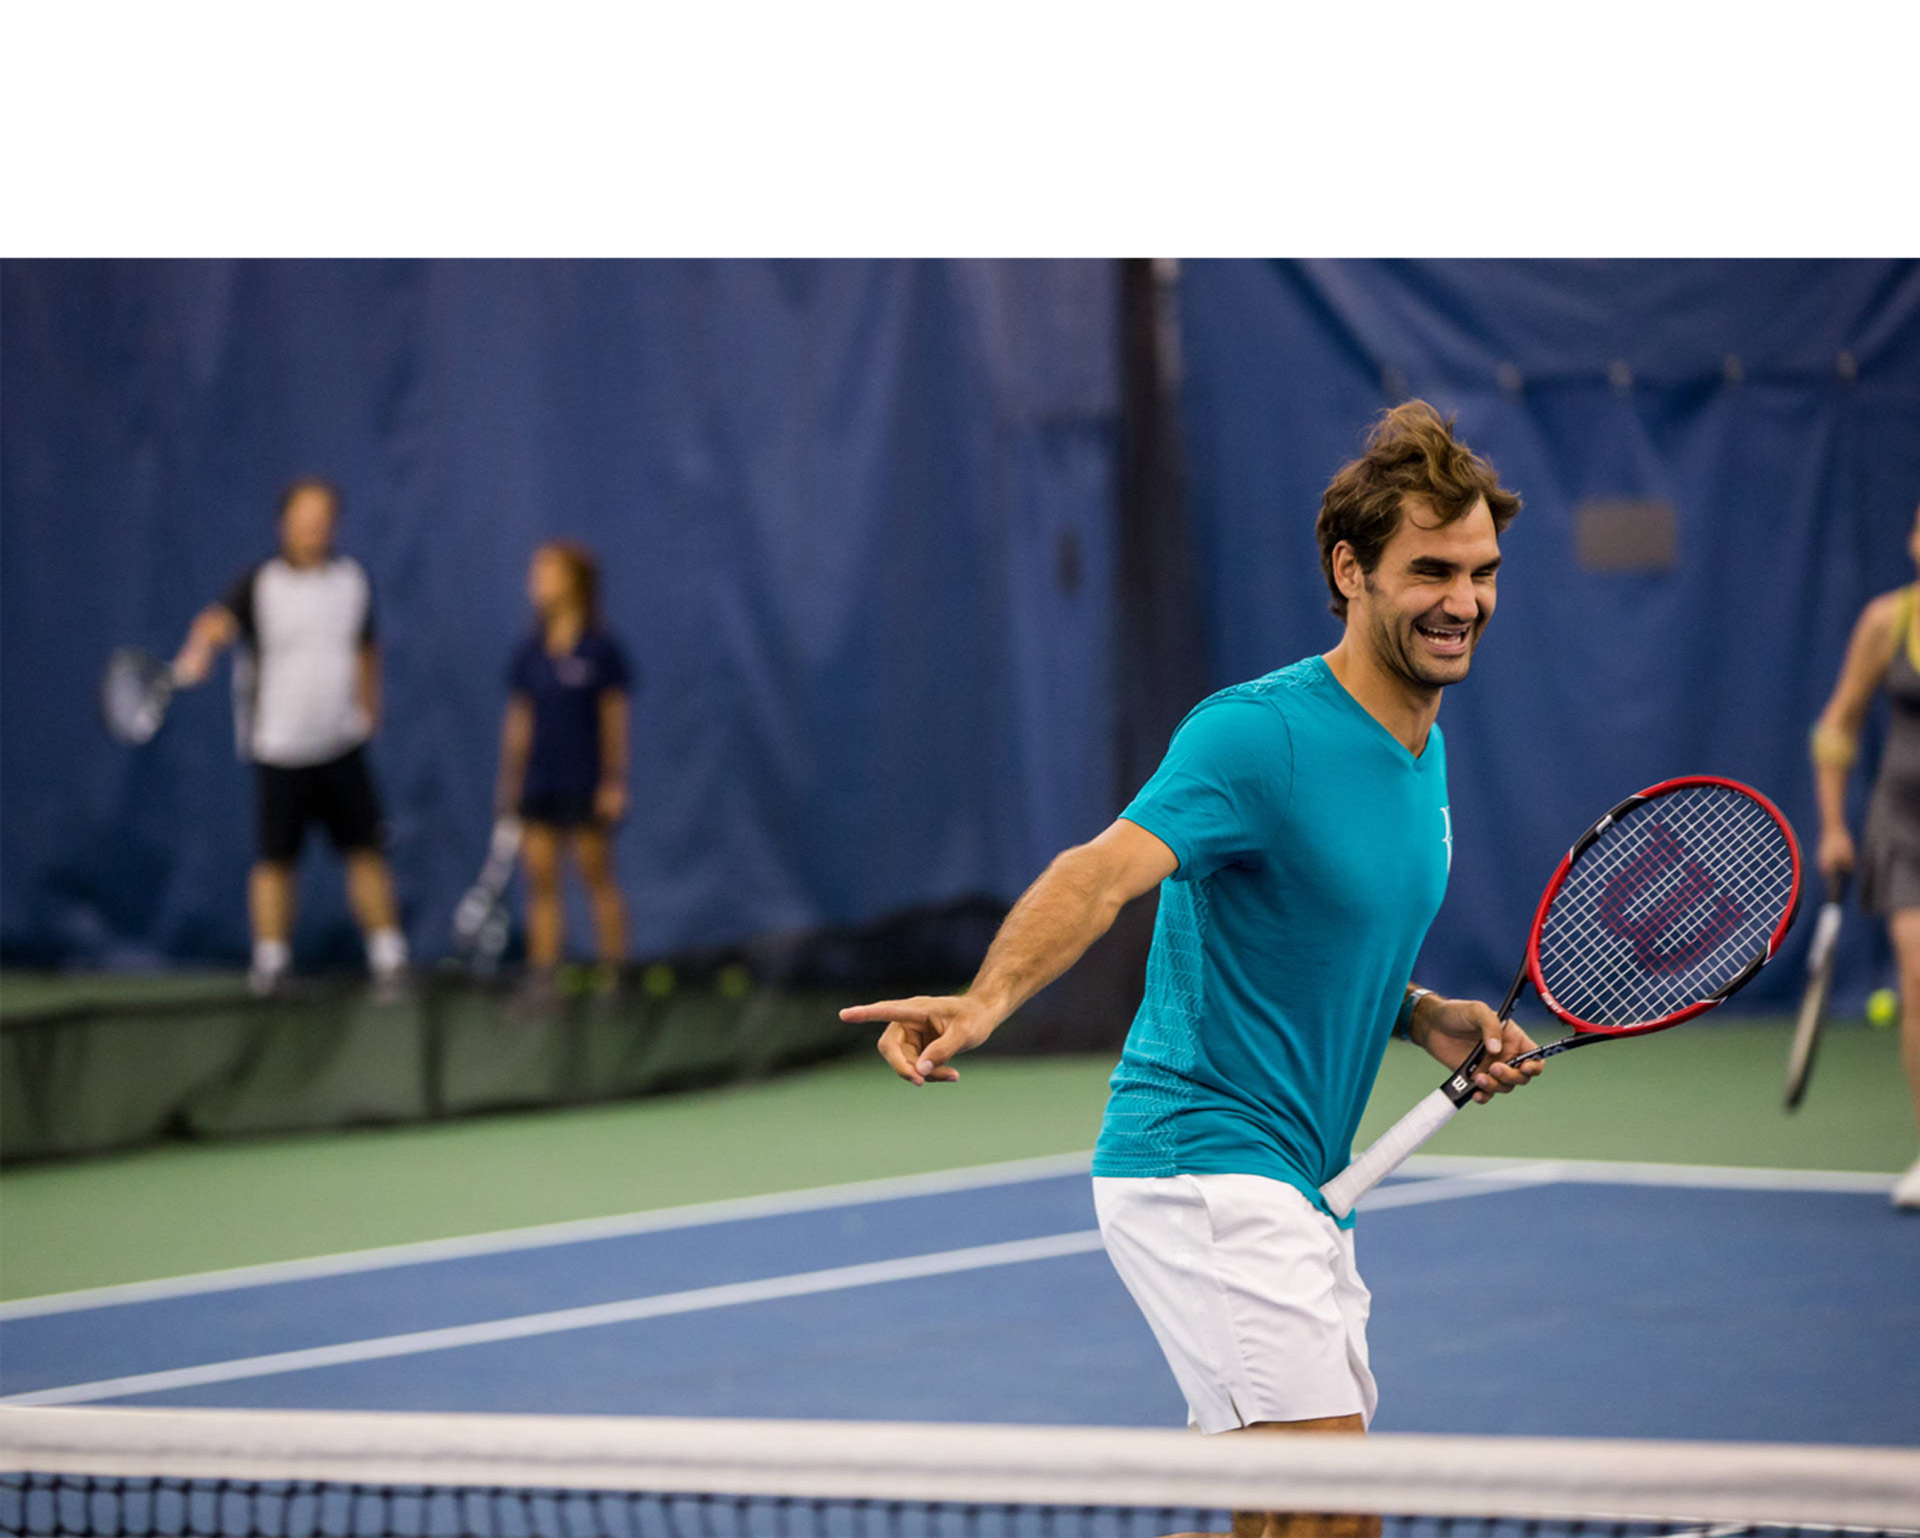 El tenista suizo venció este martes por 7-5 y 6-2 en la segunda fecha al serbio y se clasificó al Masters de tenis de Londres